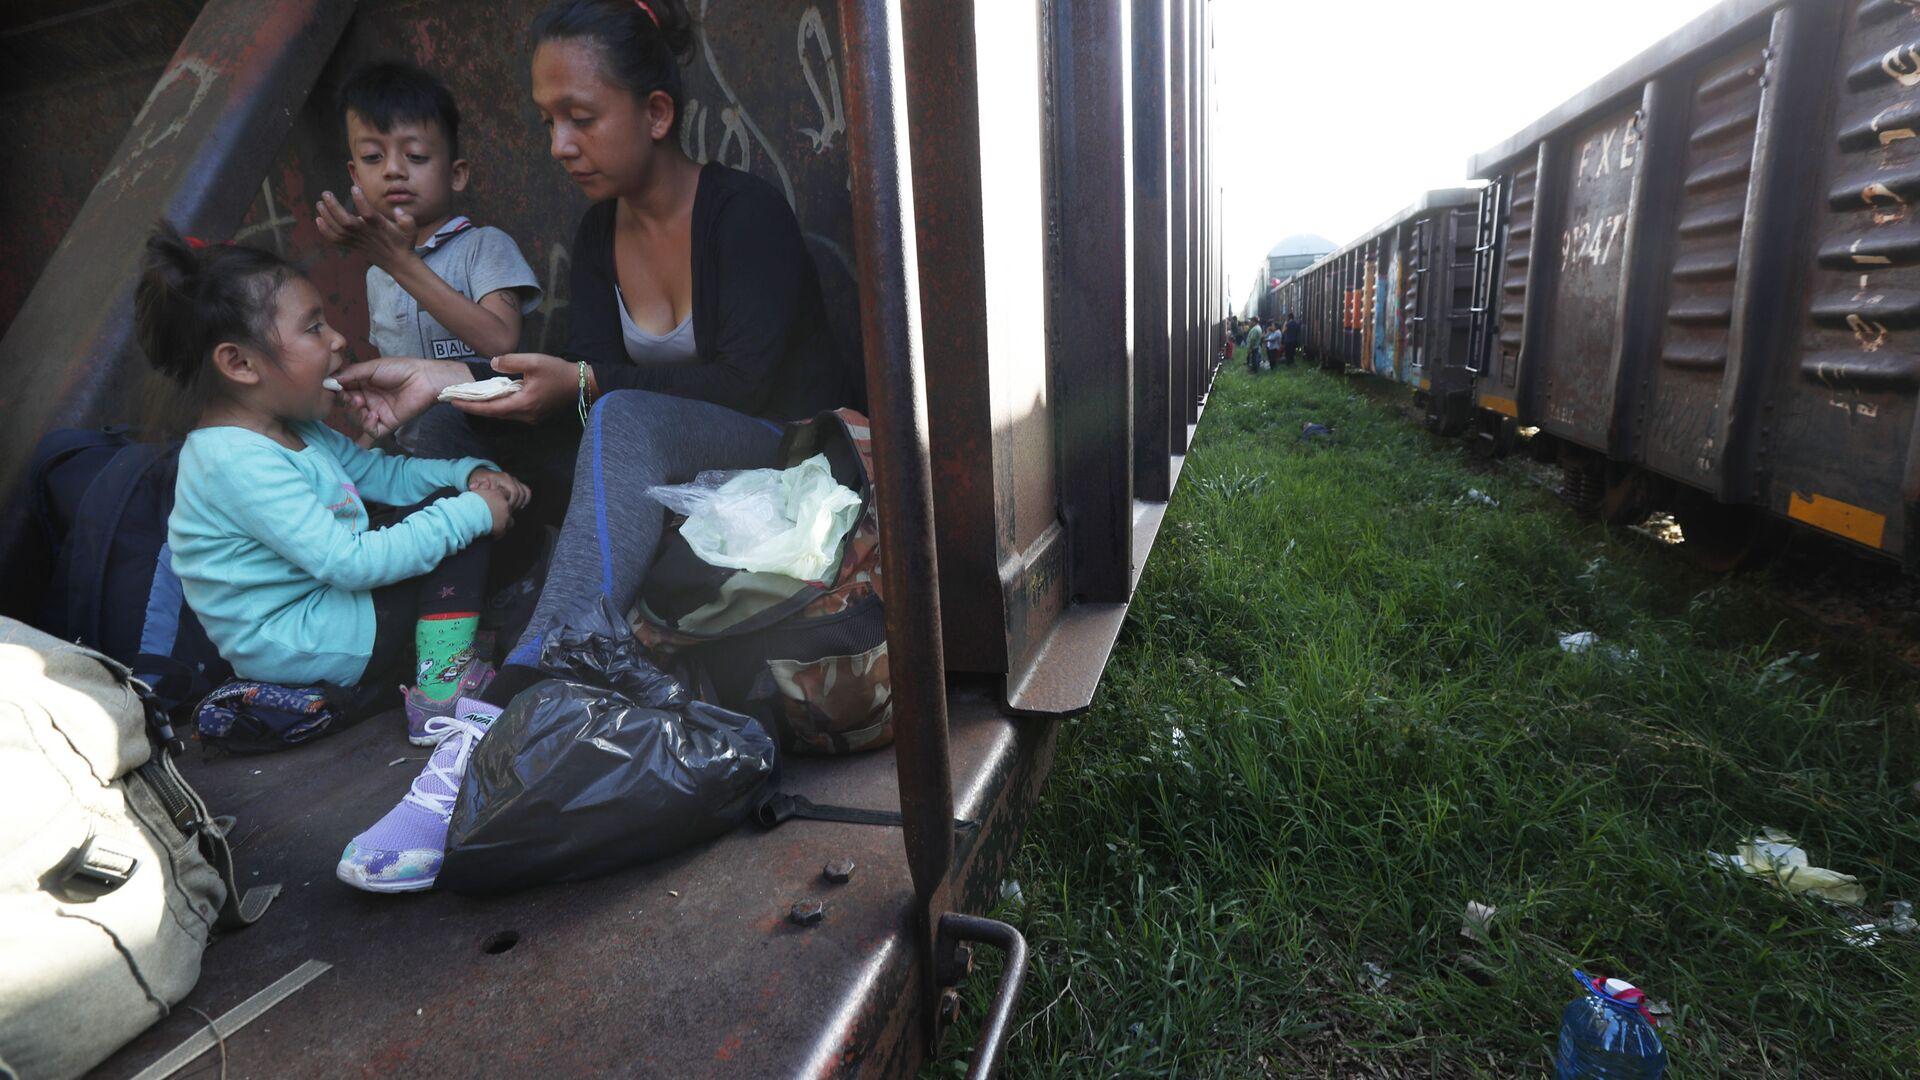 Мигранты в грузовом вагоне поезда в Мексике - Sputnik International, 1920, 13.09.2021